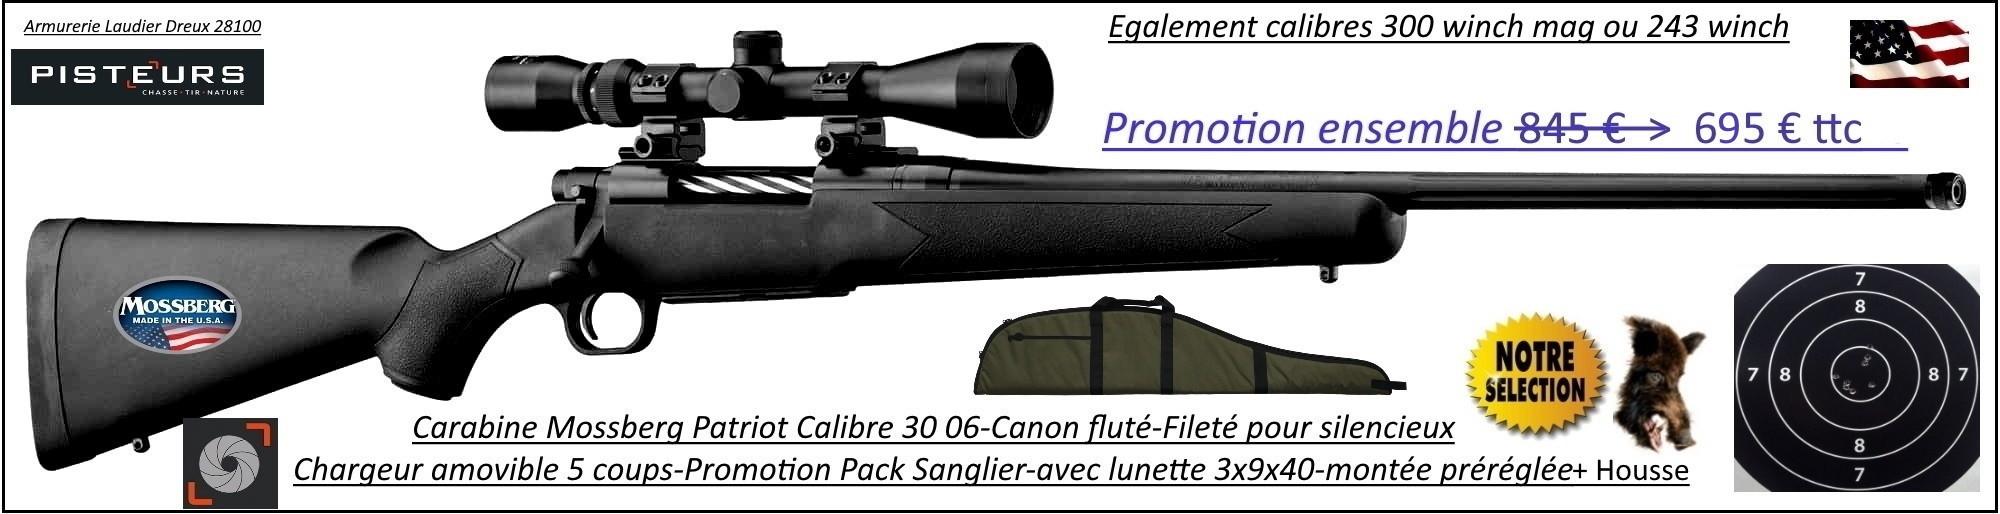 Carabine Mossberg Patriot Calibre 30-06 Répétition Pack  sanglier-complet-Lunette -3x9x40 Canon-FILETE-POUR-SILENCIEUX+housse -Promotion-695 € ttc au lieu de 845.00 € ttc-Ref PCKMO3008F